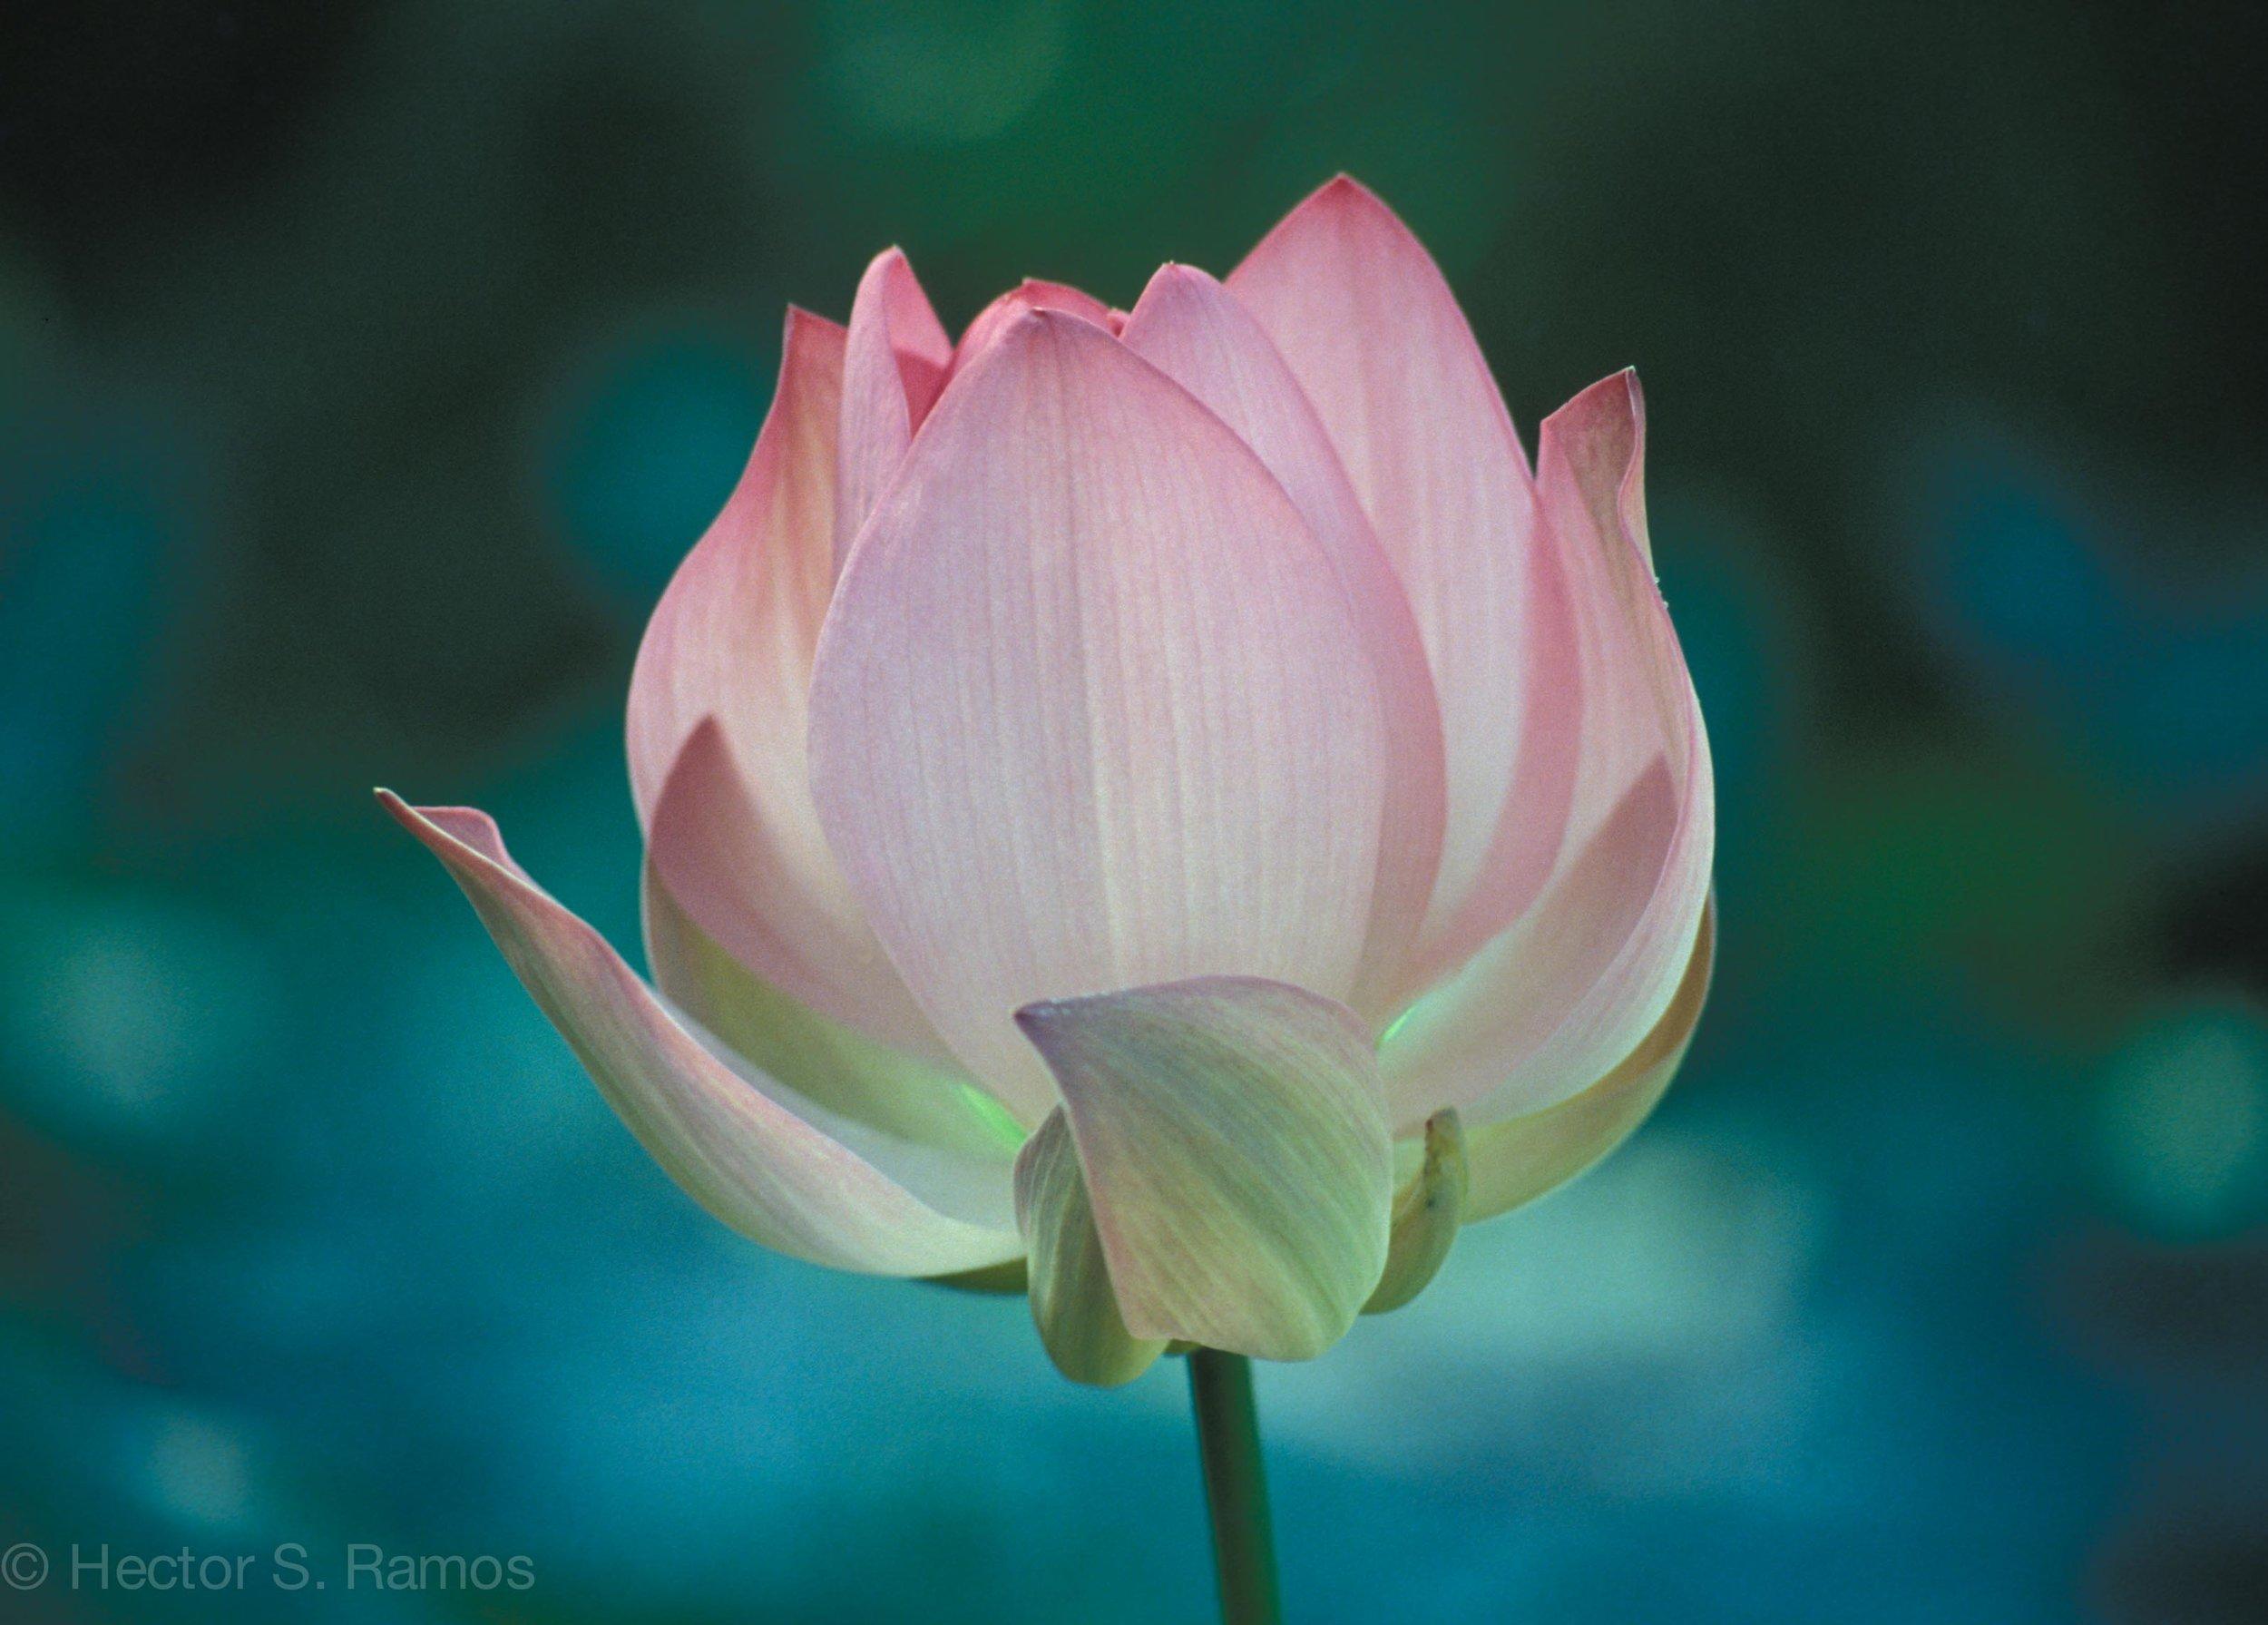 Lotus at Sri Aurobindo Ashram, Tamil Nadu. Photo: Nikon F801s, AF 35-70mm, Kodak Elite 100.